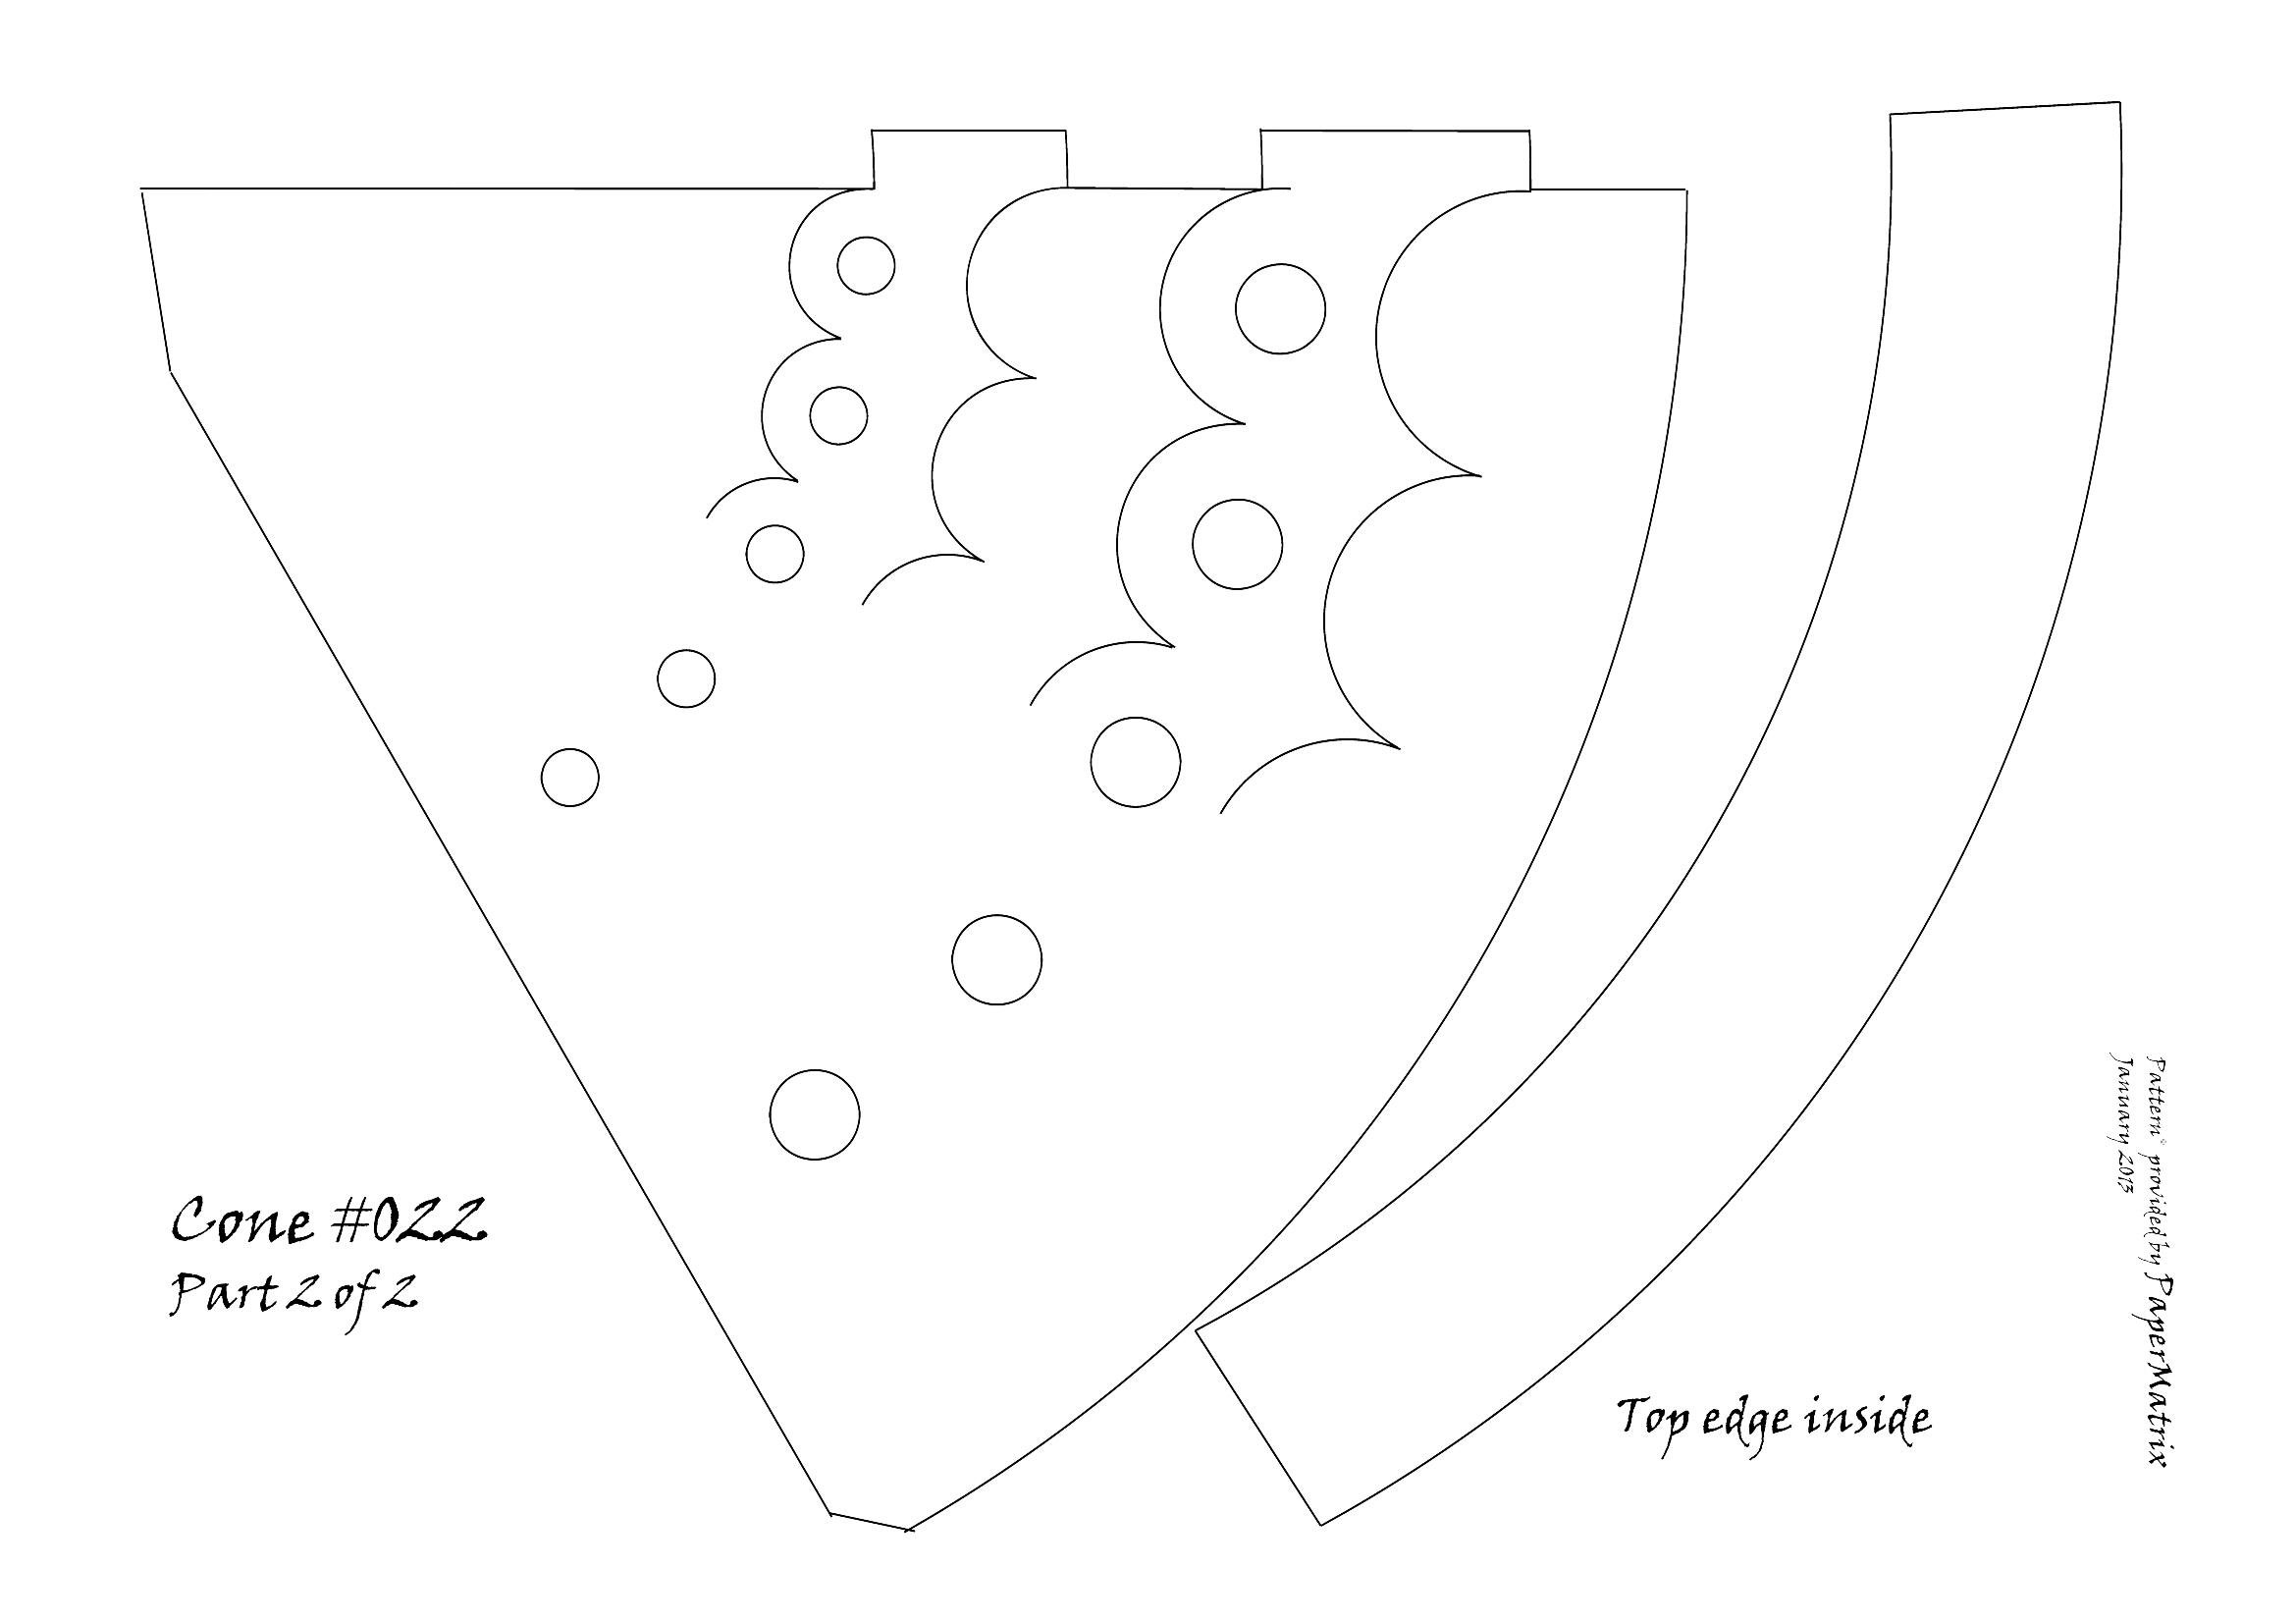 Cone 022